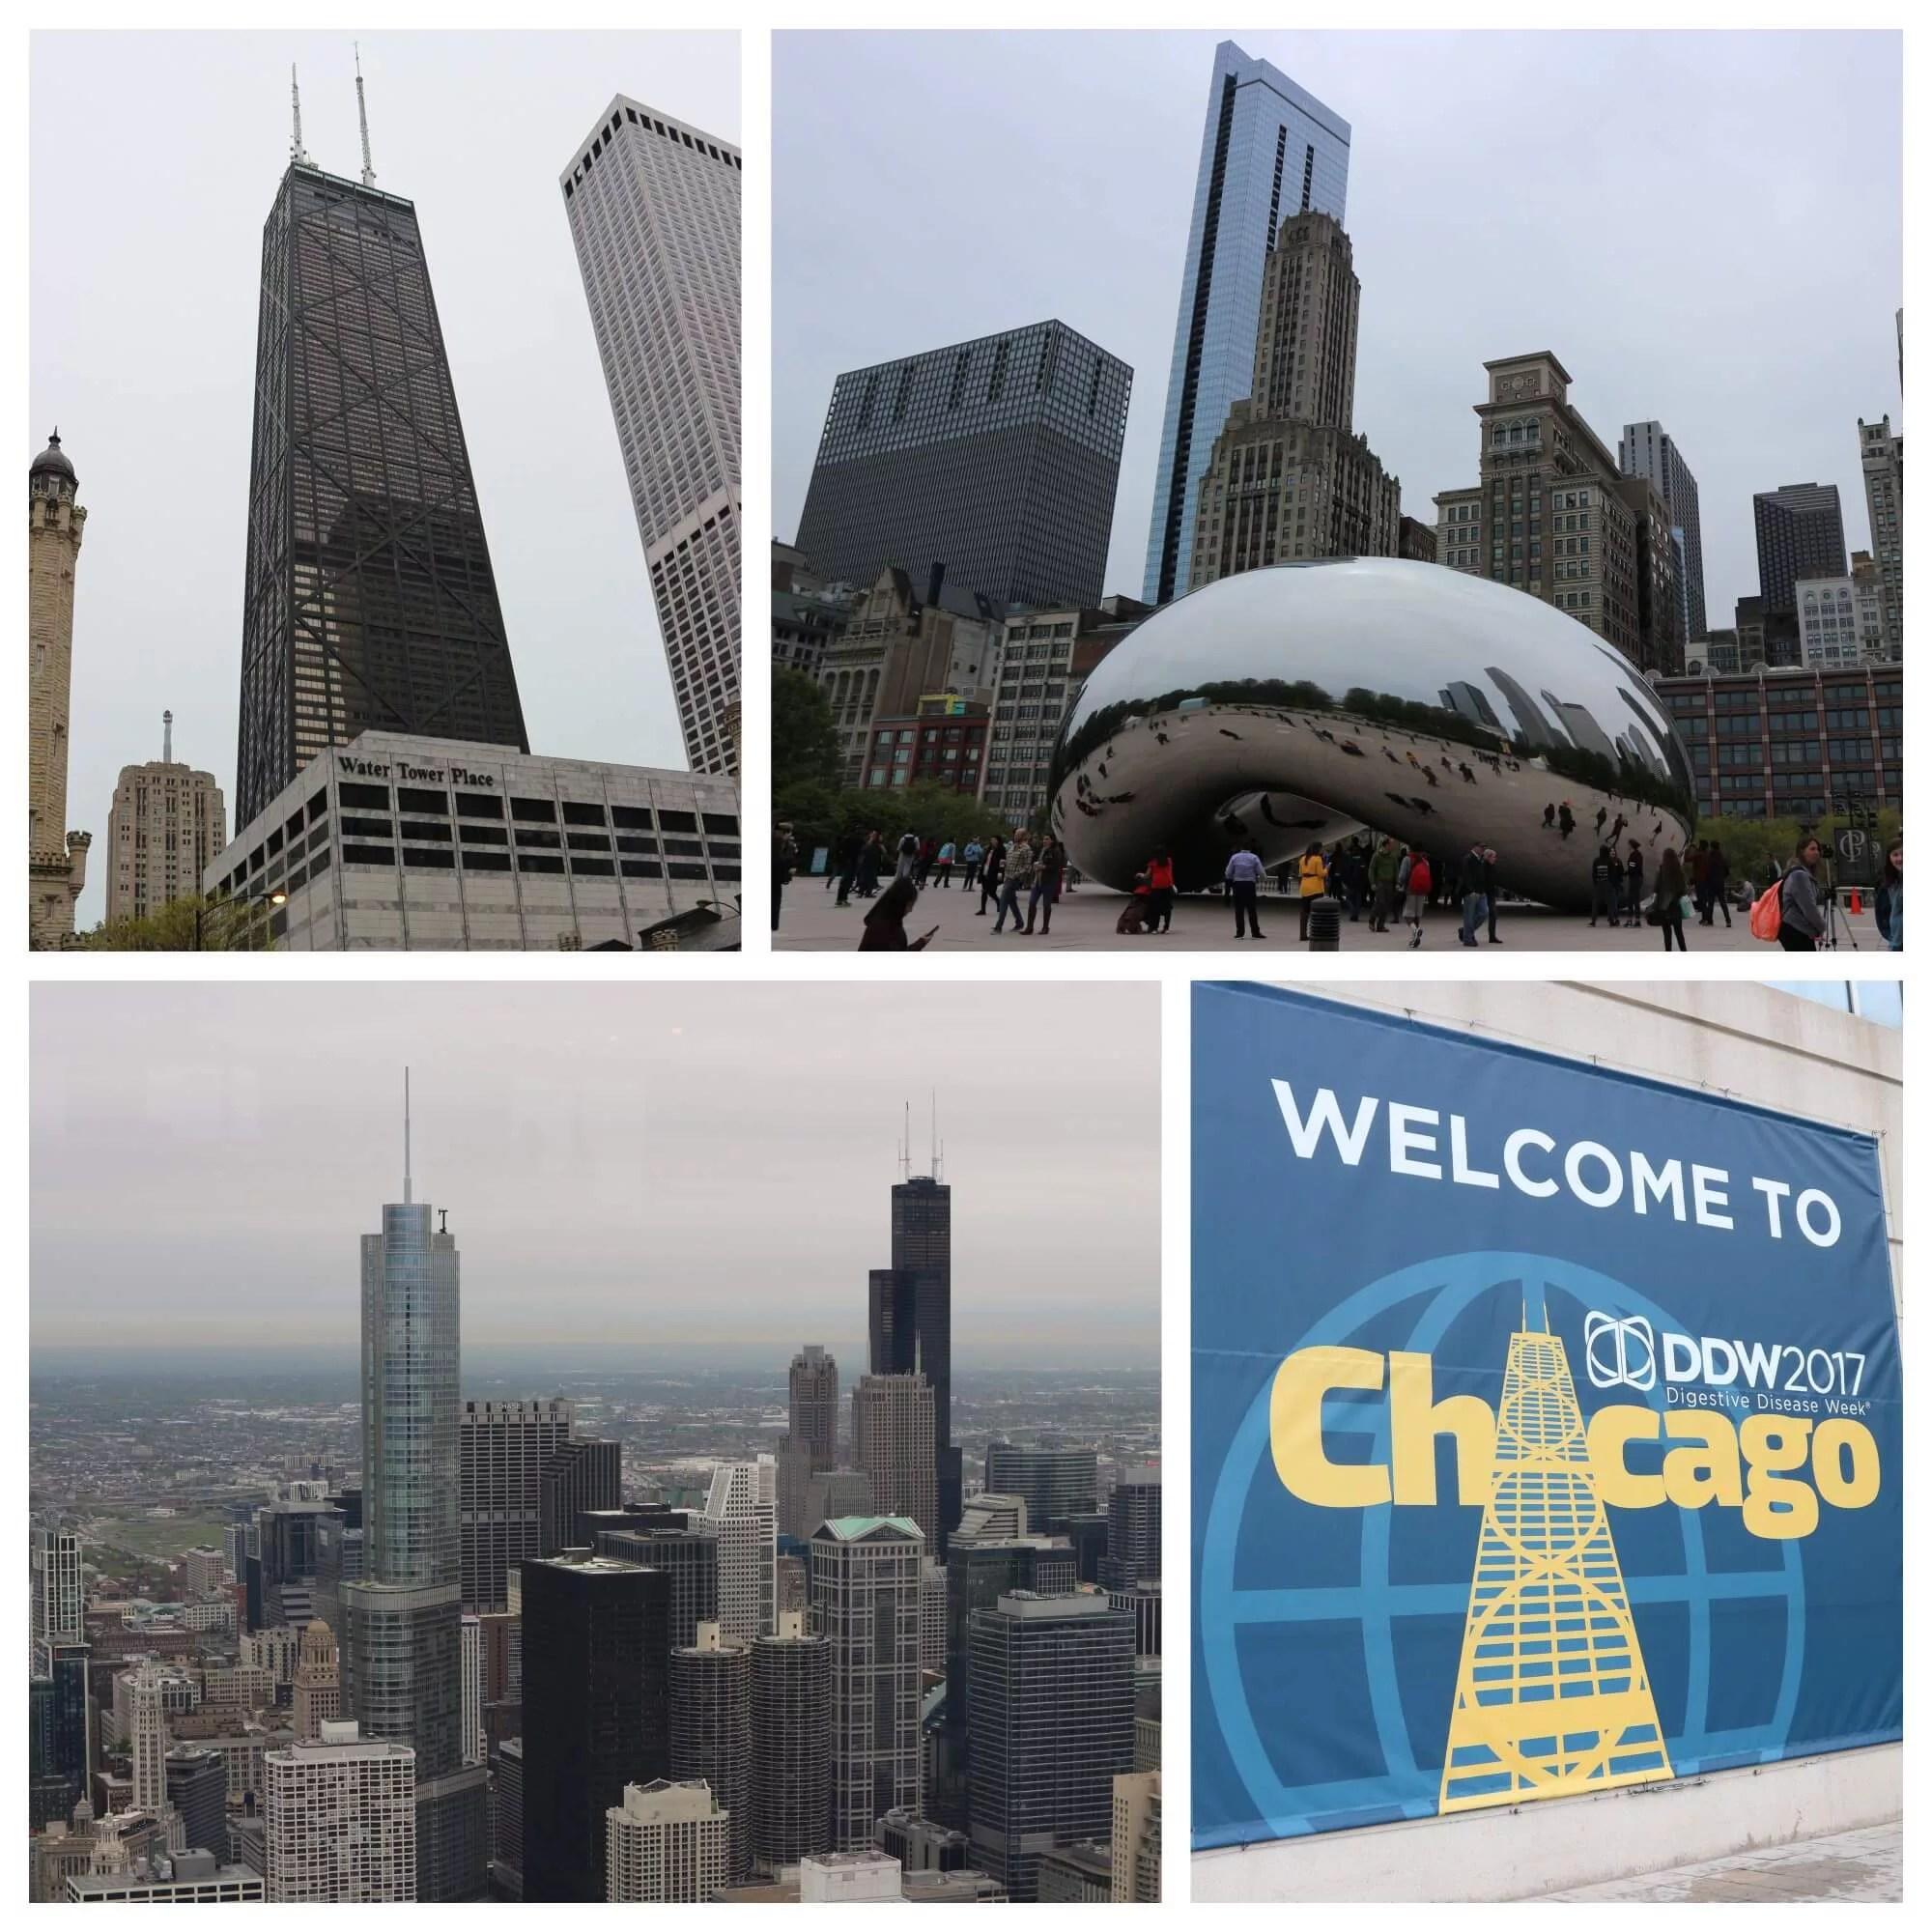 シカゴおすすめ観光スポットを1日で巡ってみた(前編)